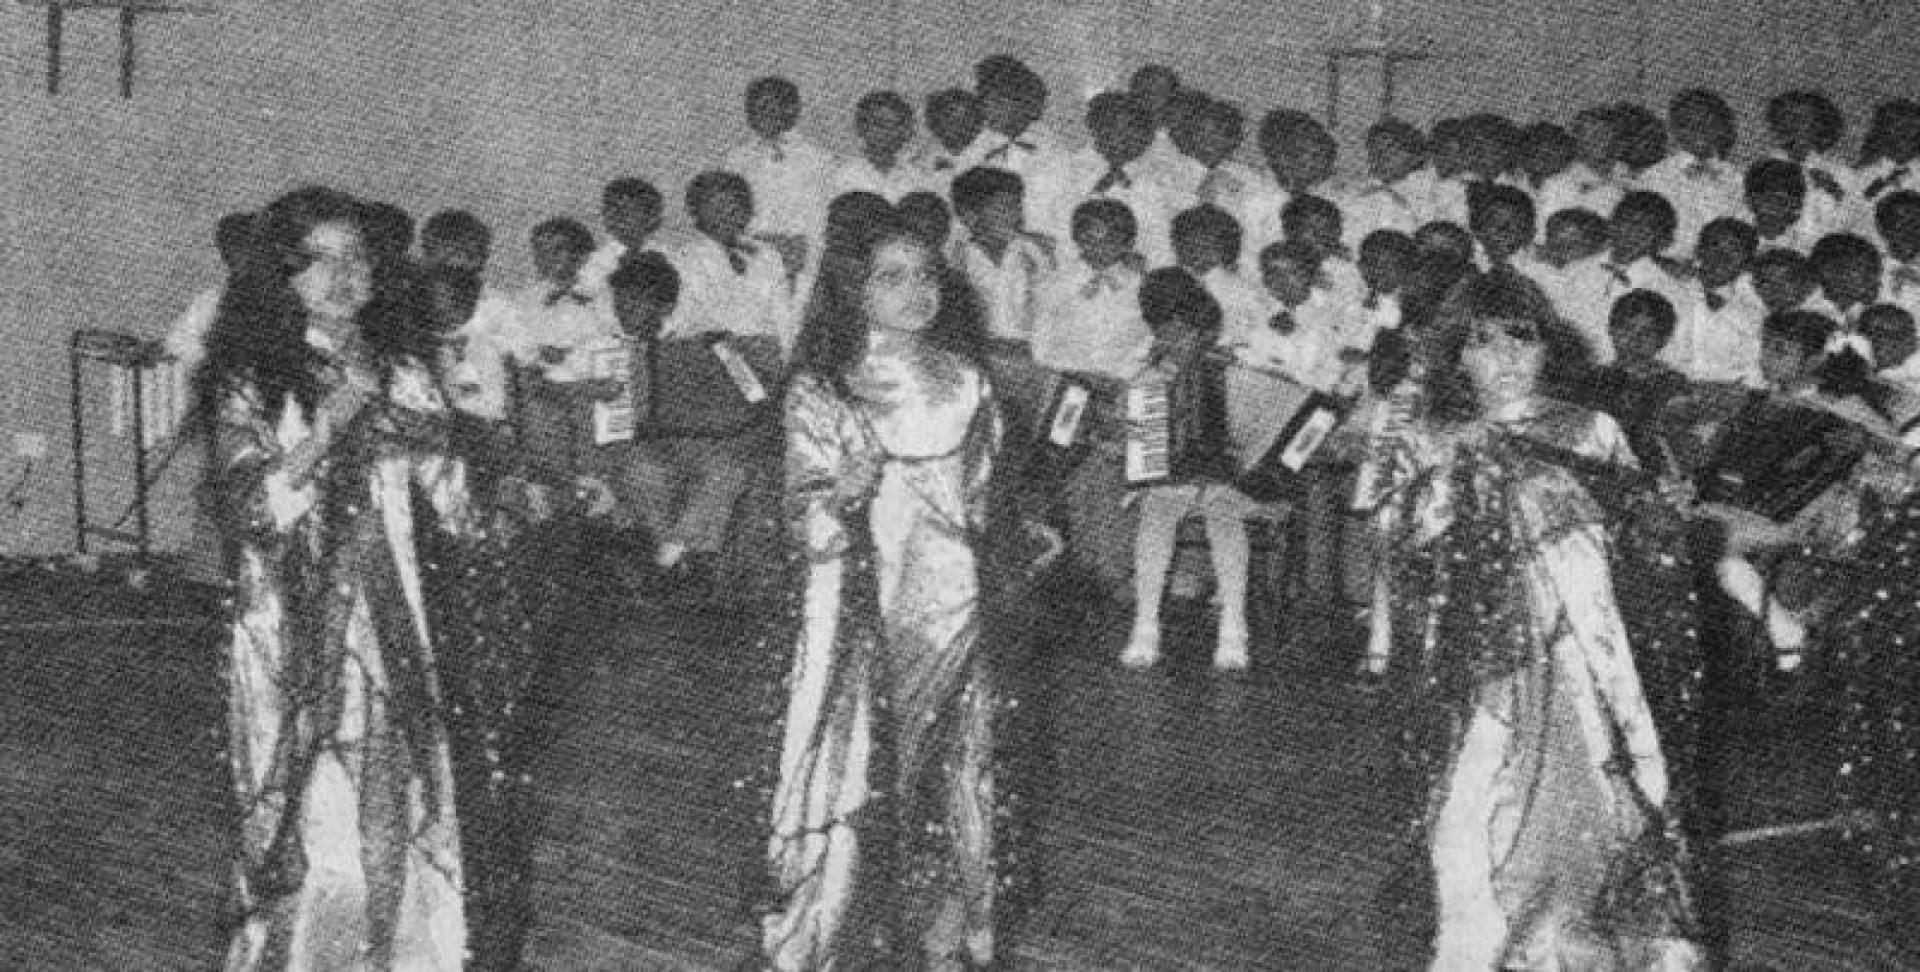 تلميذات مدرسة أم الخير الابتدائية في رقصة شعبية.. أرشيفية